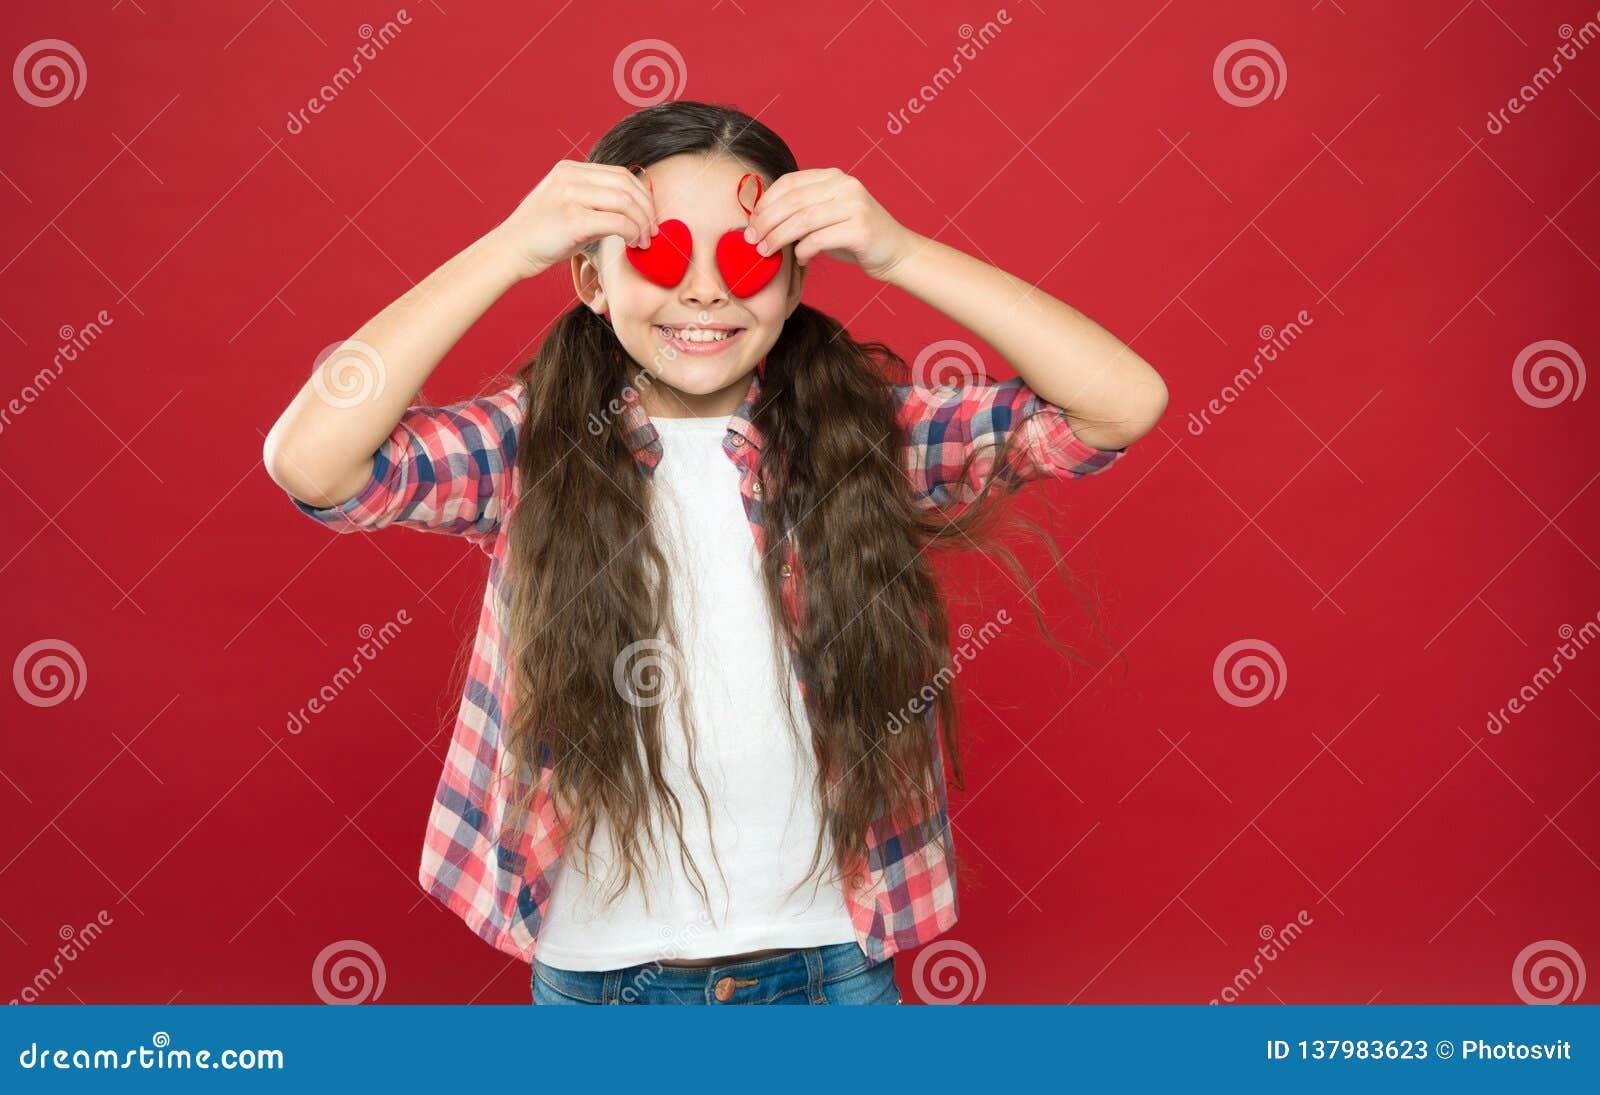 La tradition célèbrent le jour de valentines Amour sincère Soyez mon Valentine Amour de famille Enfant mignon de fille avec des c